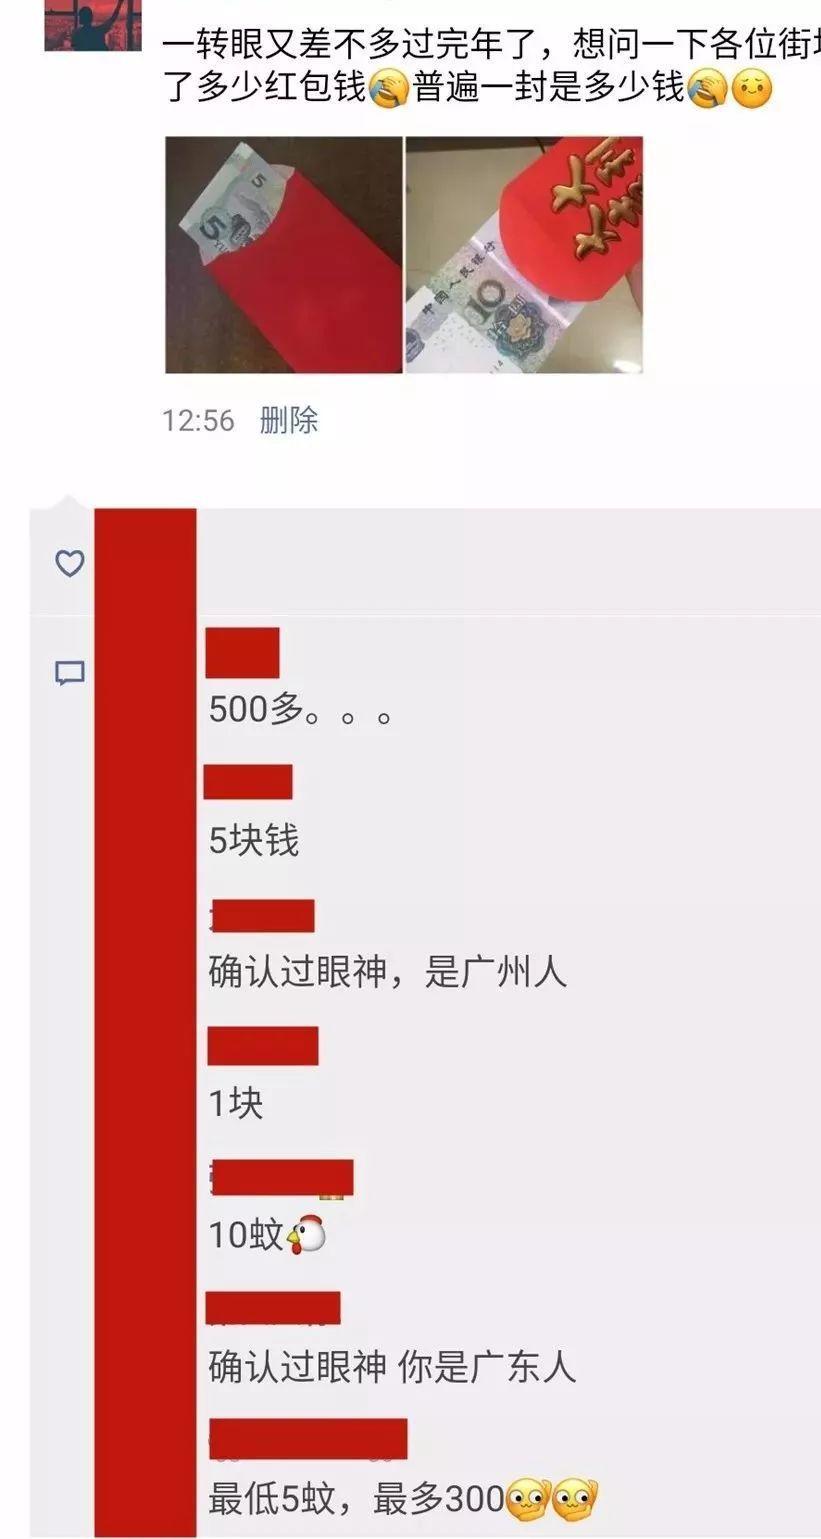 5蚊一封红包!广东全国倒数第一!而东莞人就厉害了…插图24